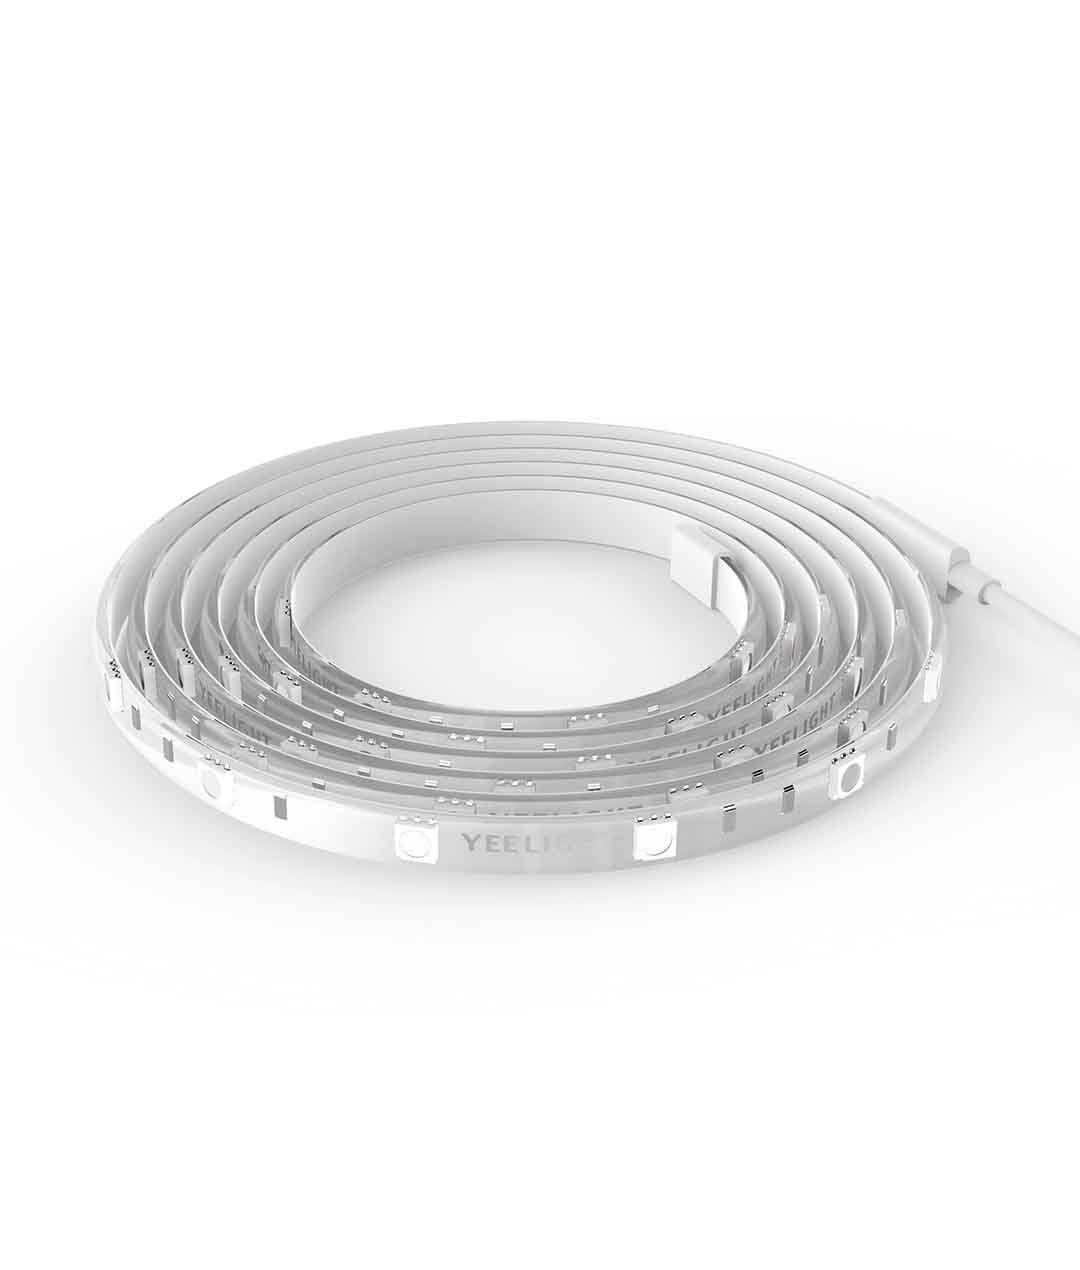 Xiaomi Yeeligth LED-Stripes für 23 Euro vorgestellt 1